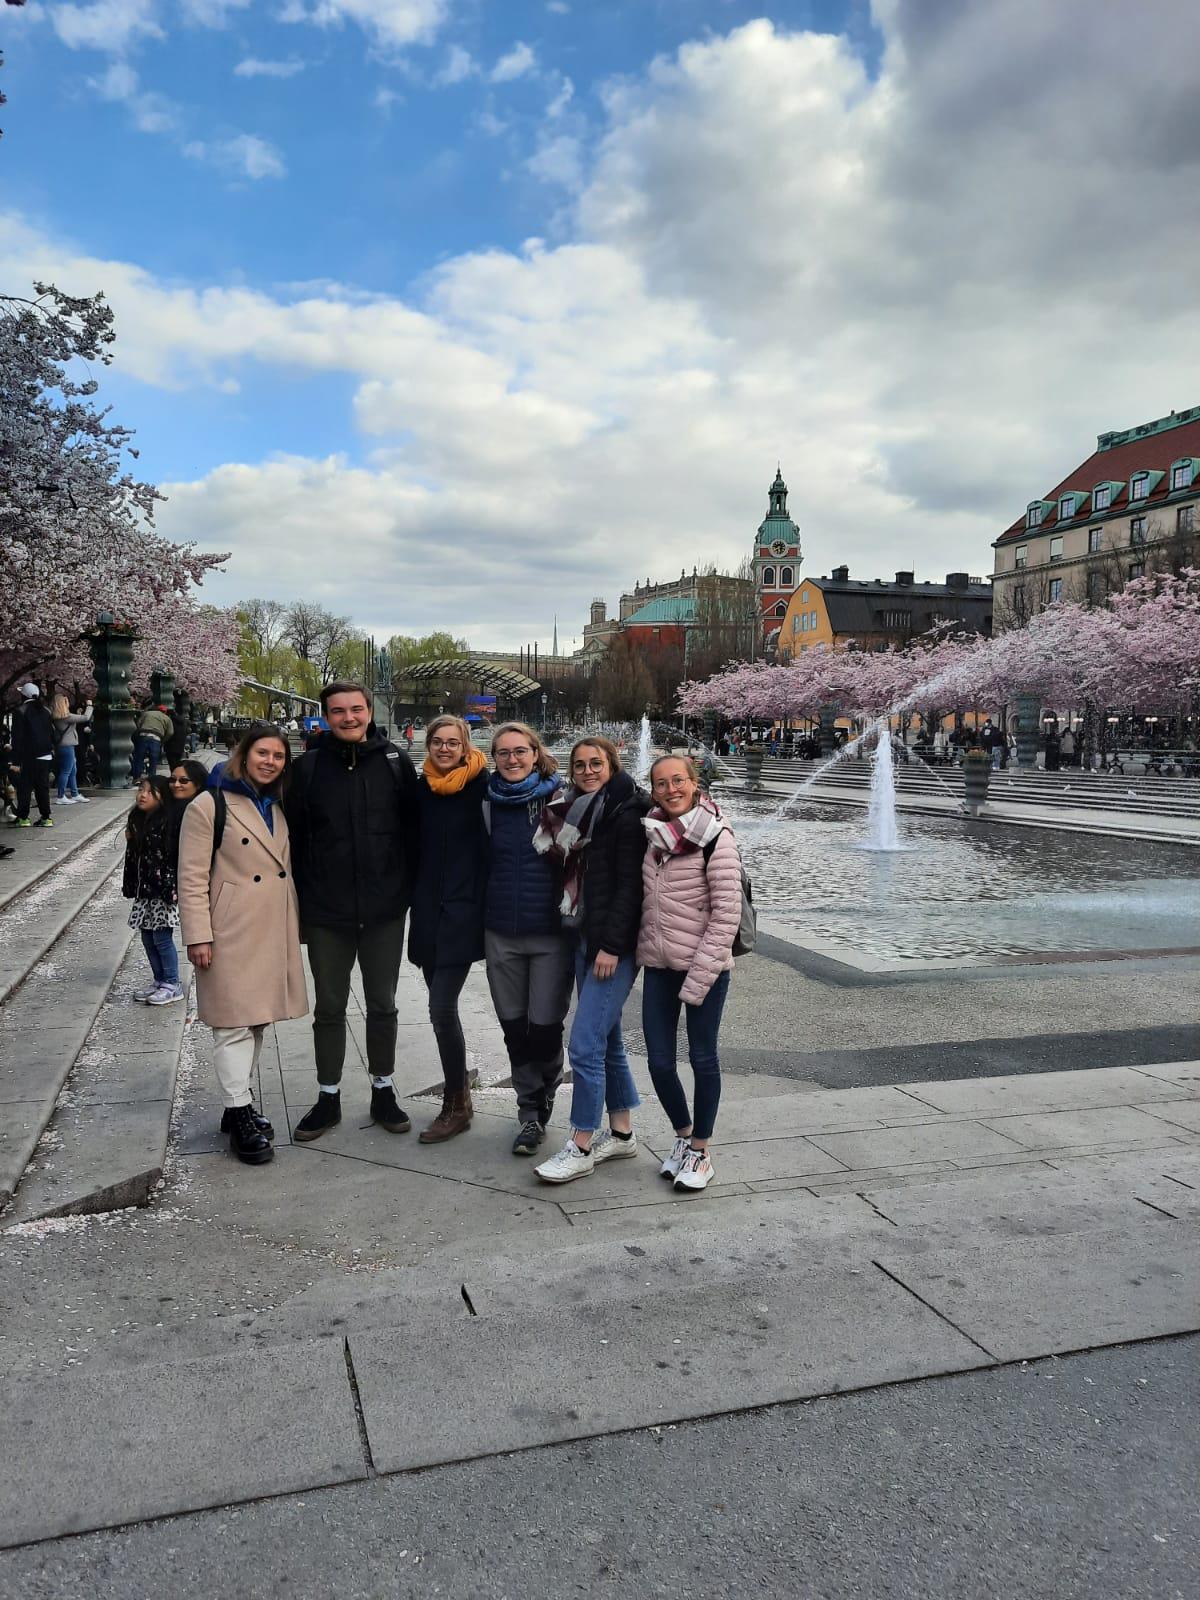 V.l.: Isabell, Konrad, Julia, Sonja, Hannah und Clarita genießen den Frühling in Stockholm.